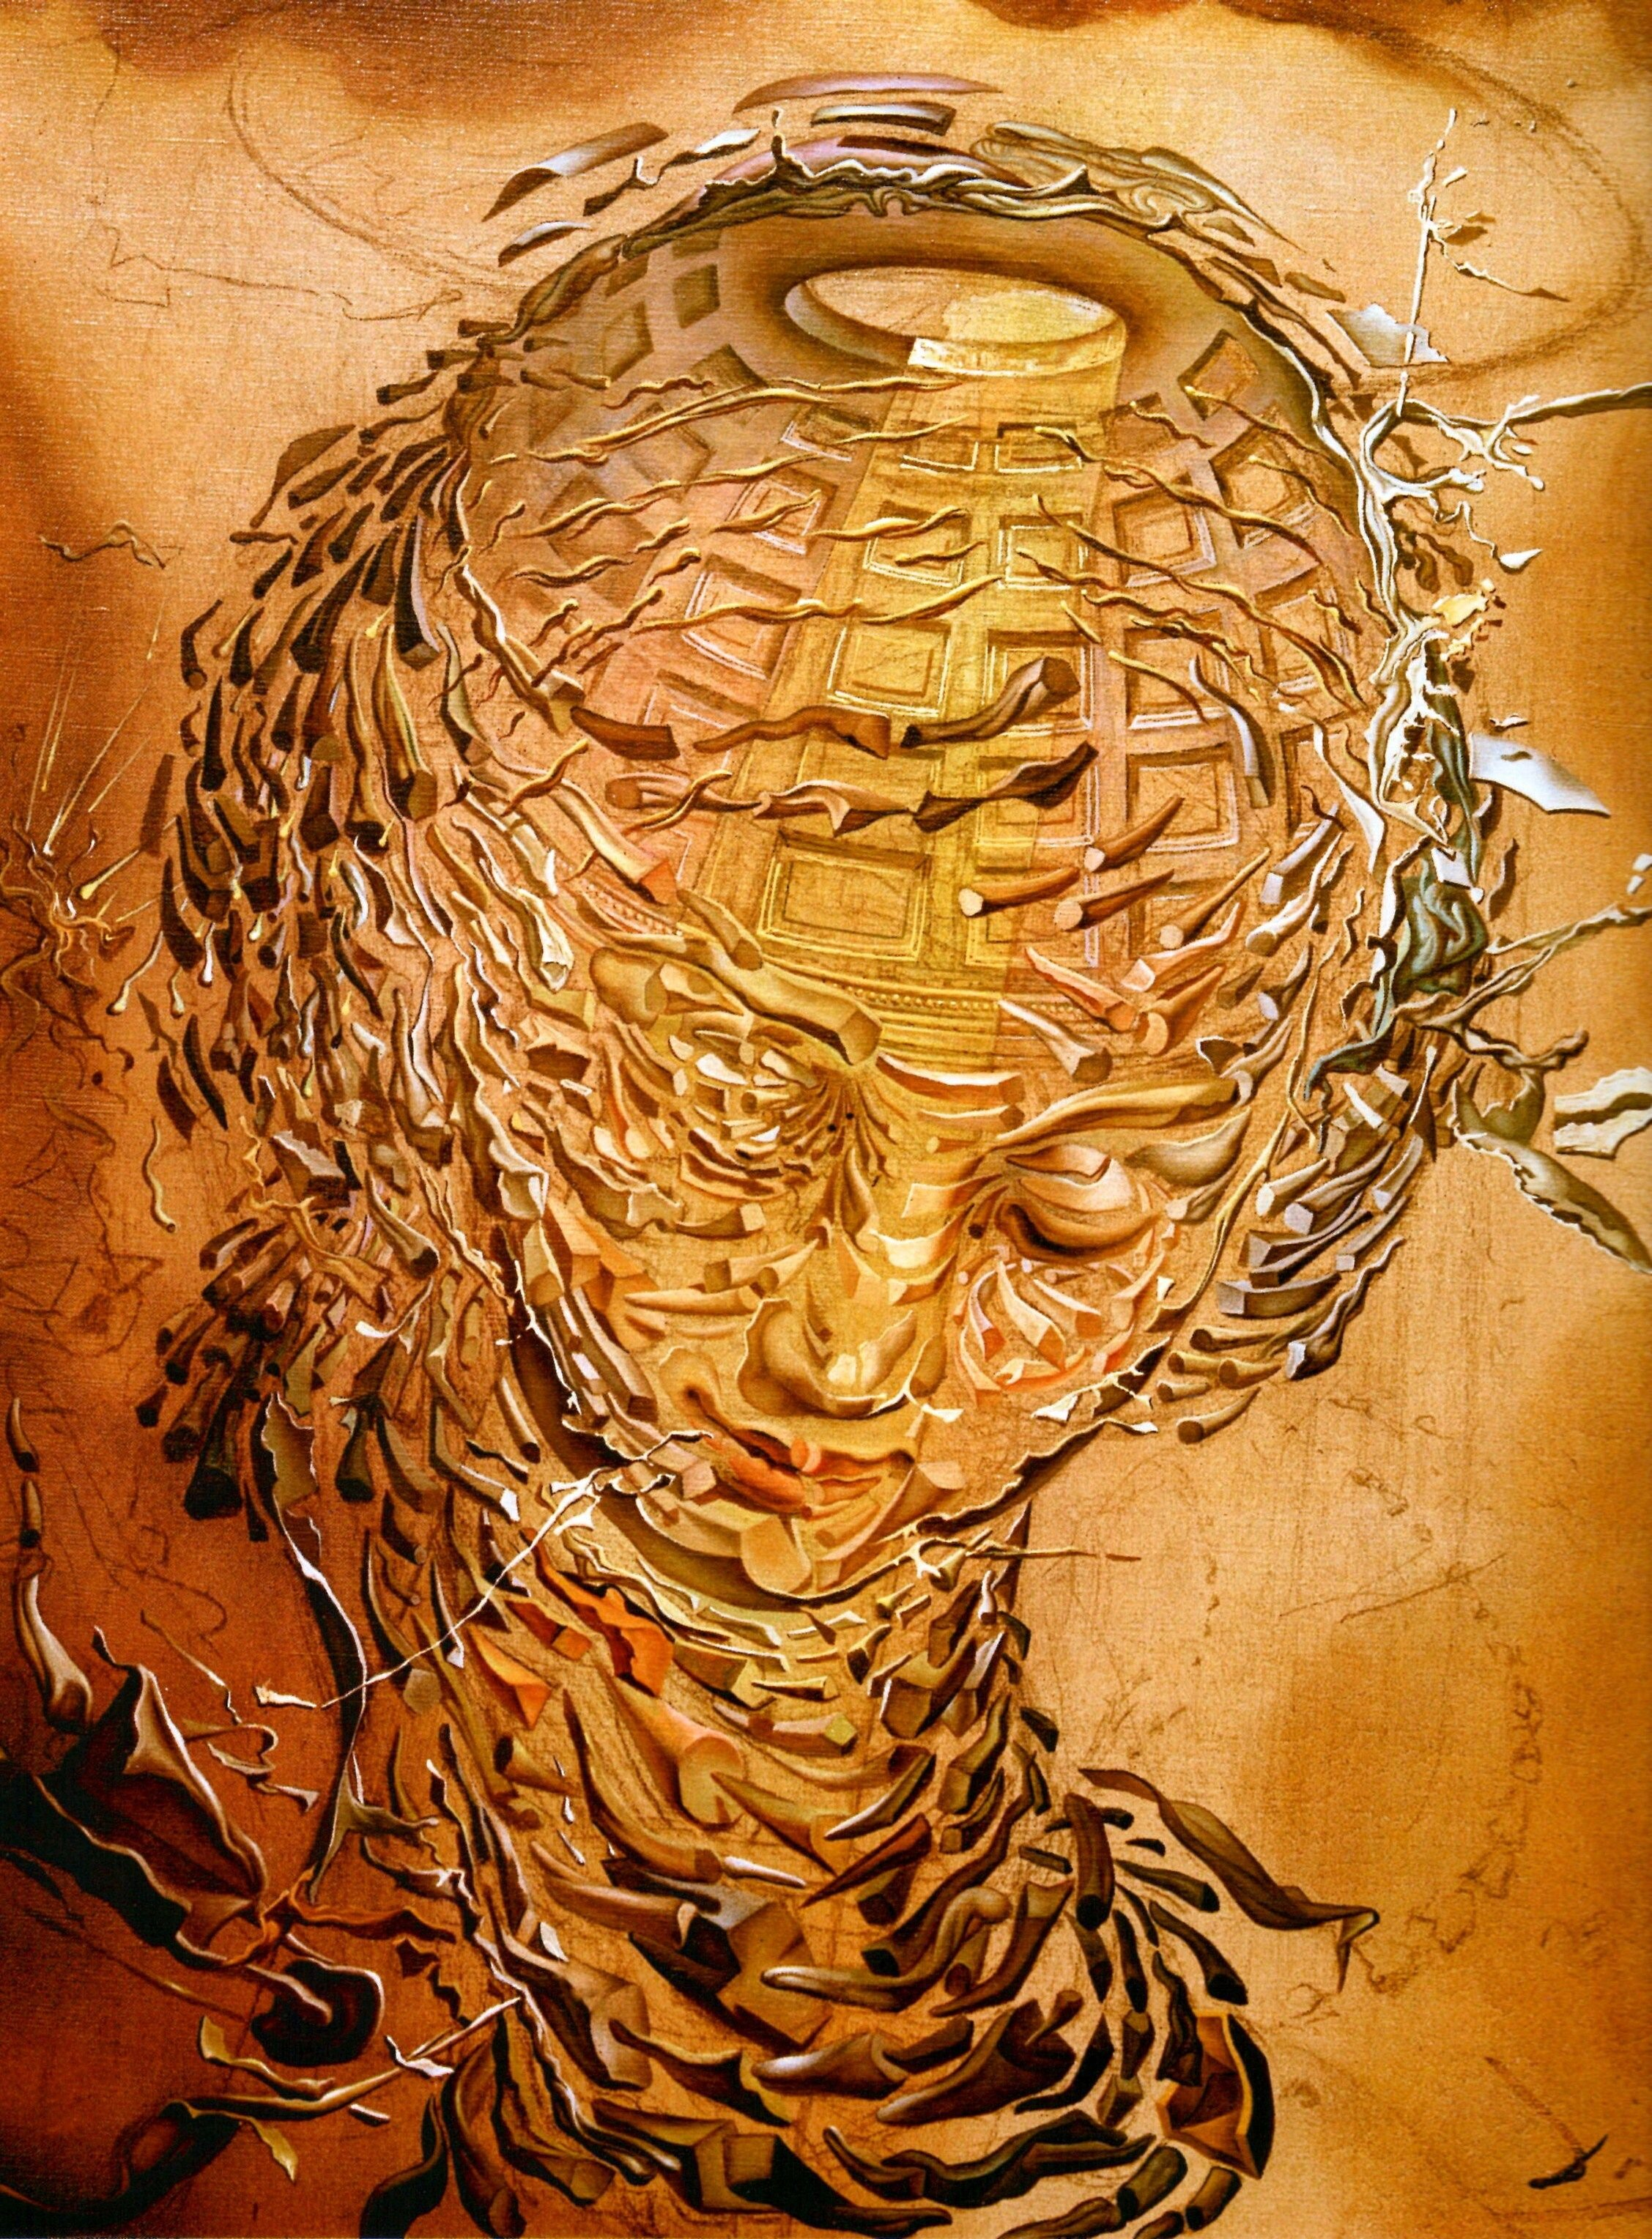 Raphaelesque Head Exploding, 1951 by Salvador Dali